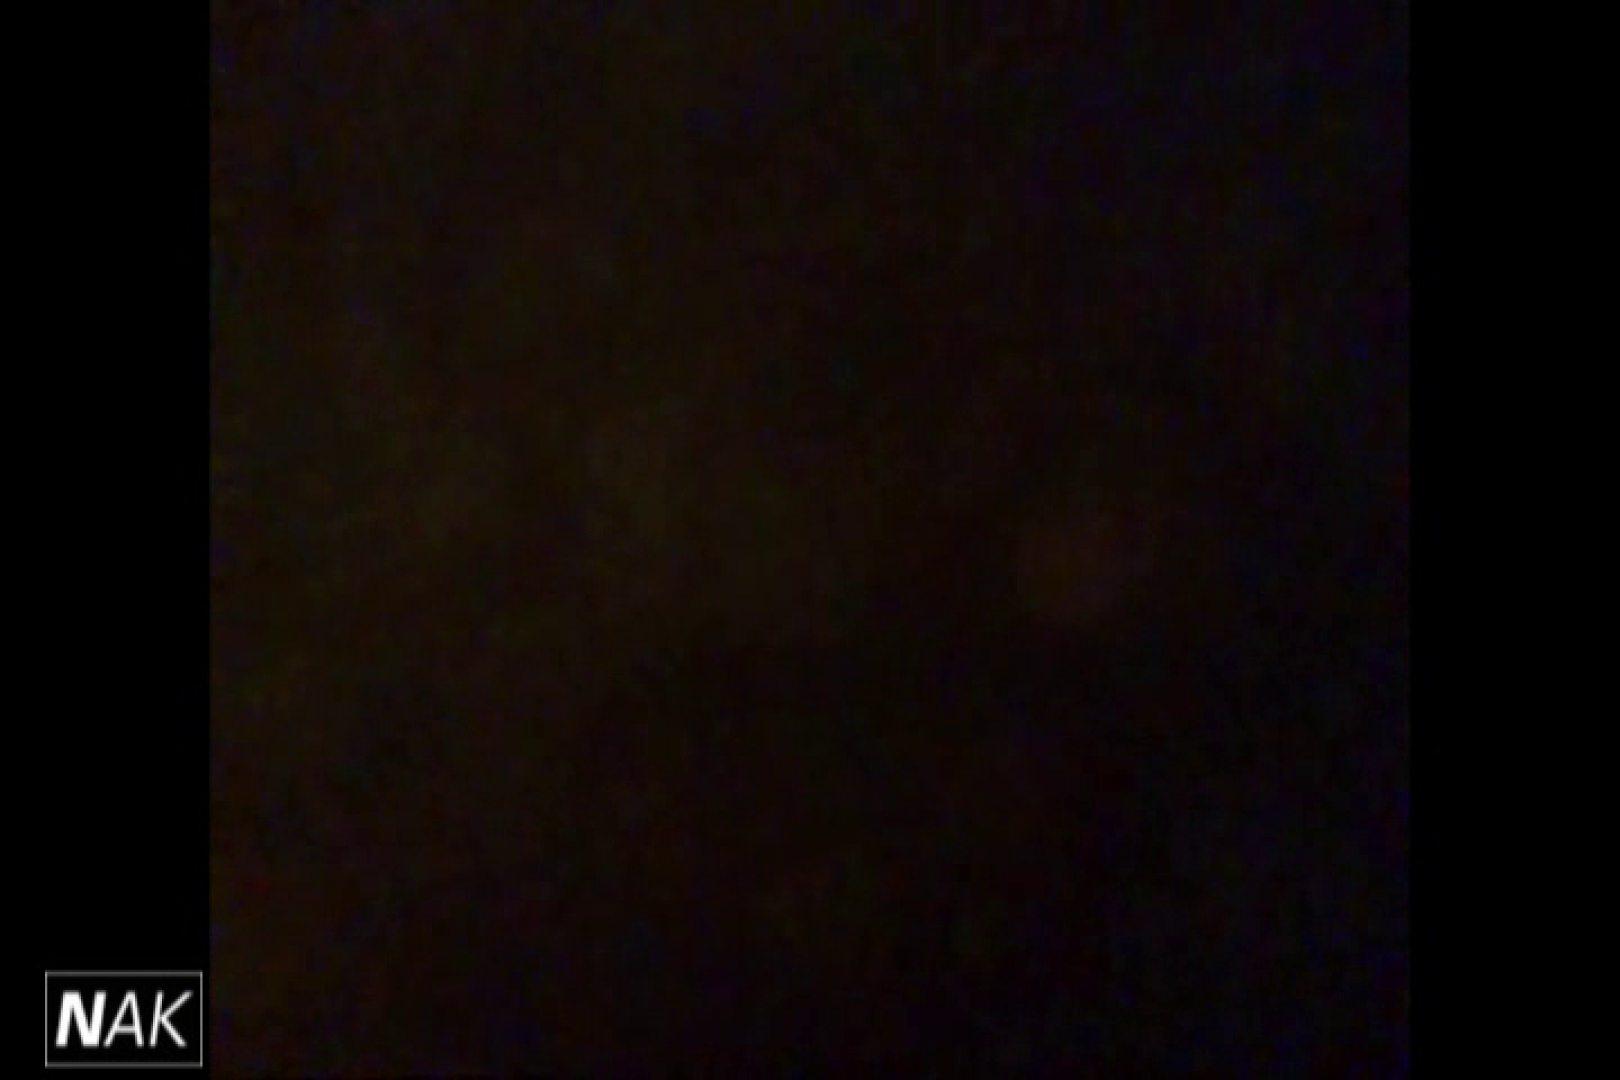 せん八さんの厠観察日記!2点監視カメラ 高画質5000K vol.13 厠 覗きおまんこ画像 97連発 68